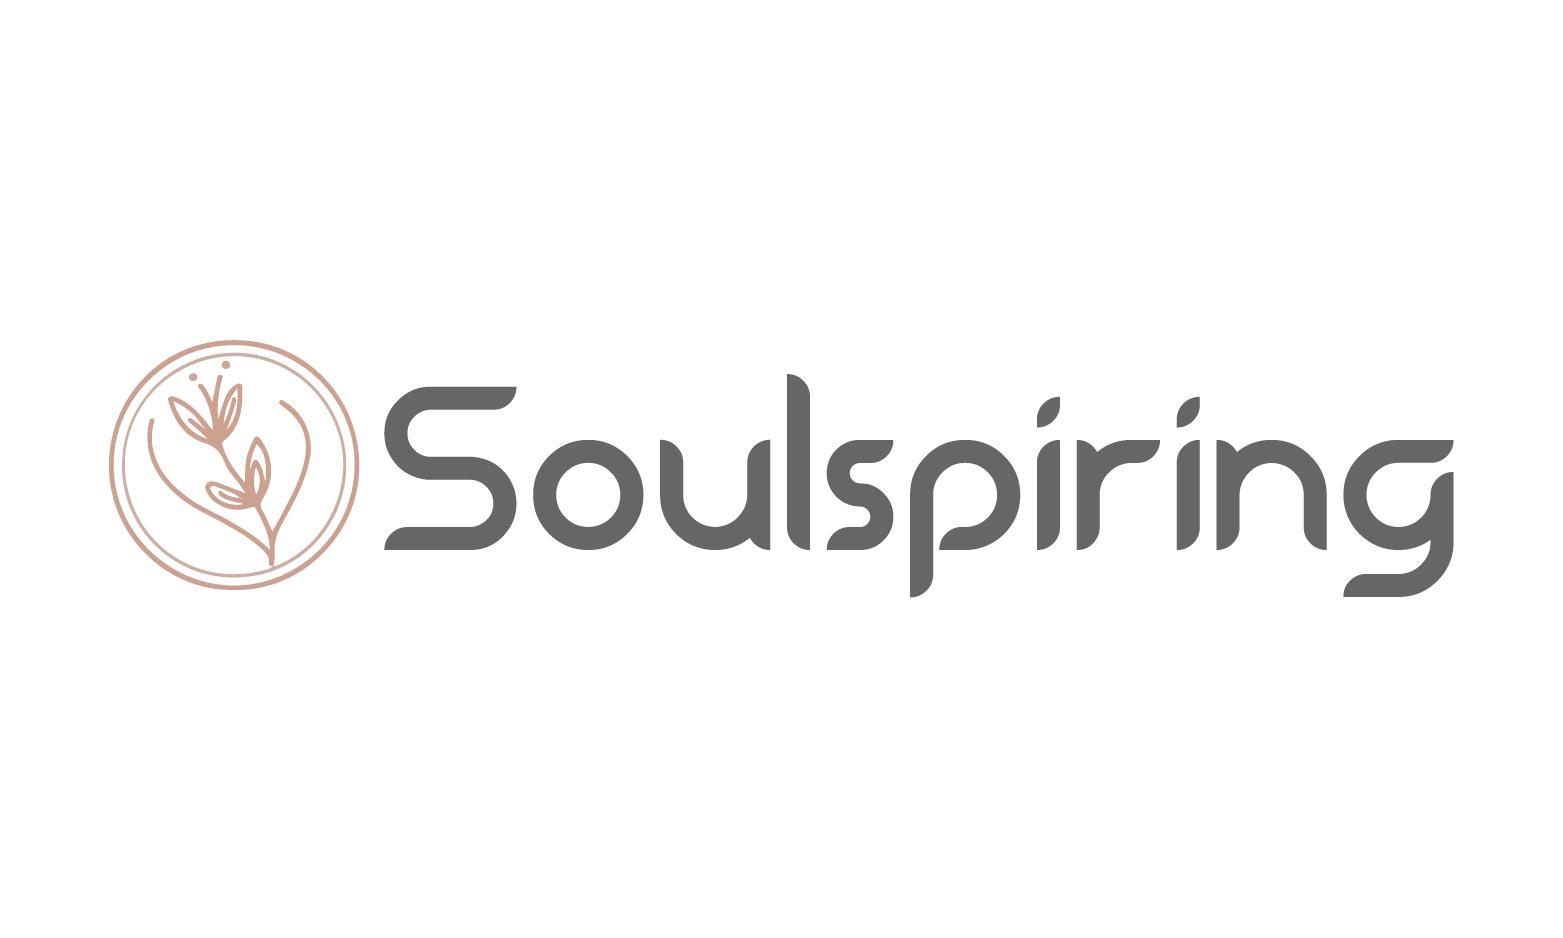 Soulspiring.com